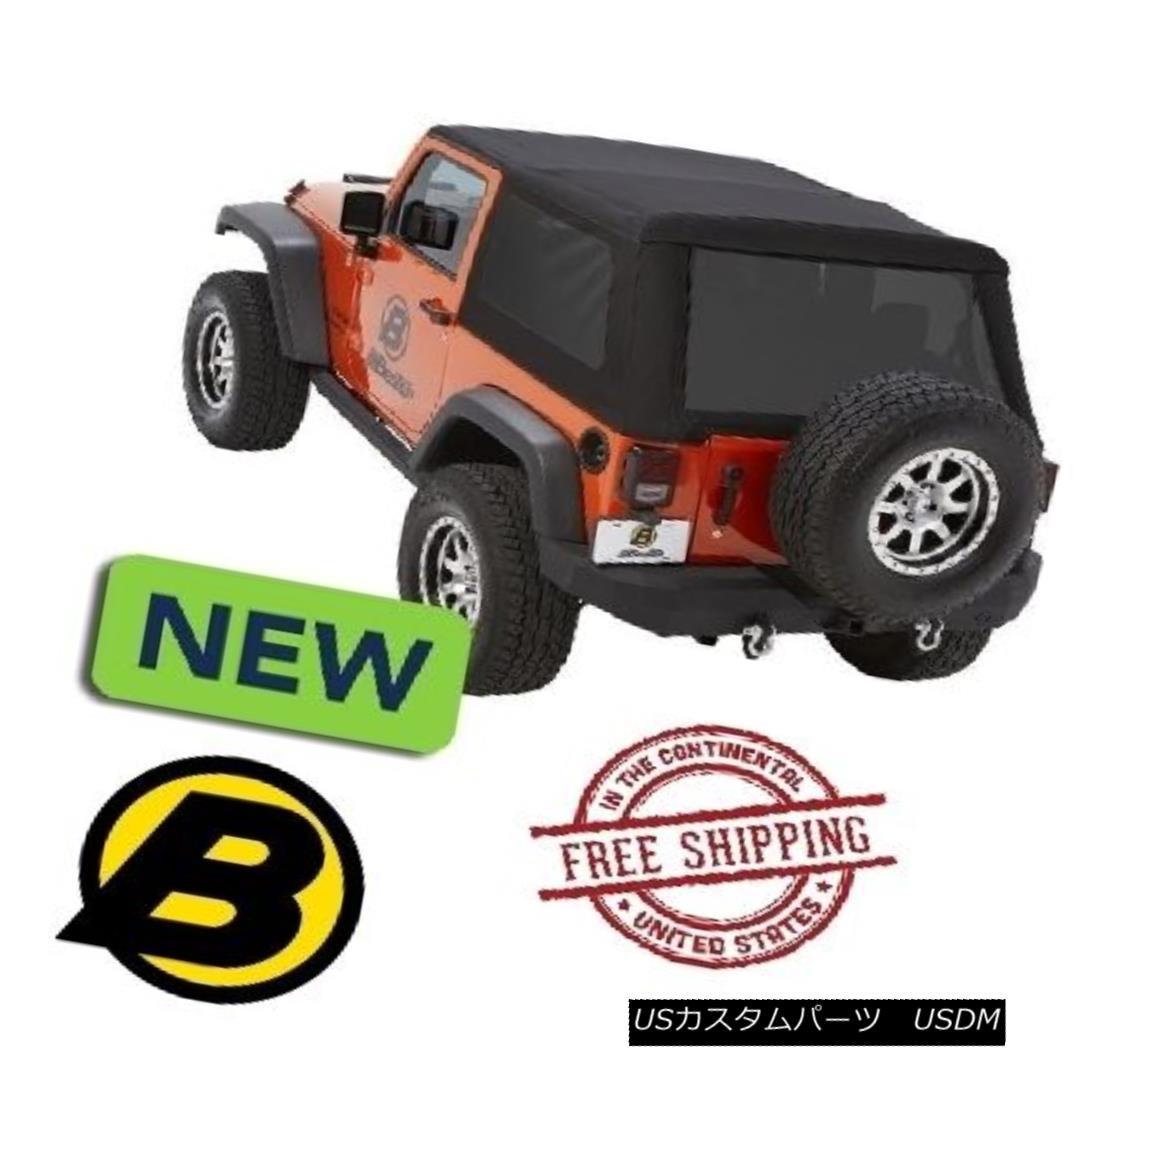 幌・ソフトトップ Bestop Trektop? NX Glide? Soft Top 07-17 Jeep Wrangler JK 2 Door Black Diamond Bestop Trektop? NXグライド? ソフトトップ07-17ジープラングラーJK 2ドアブラックダイヤモンド